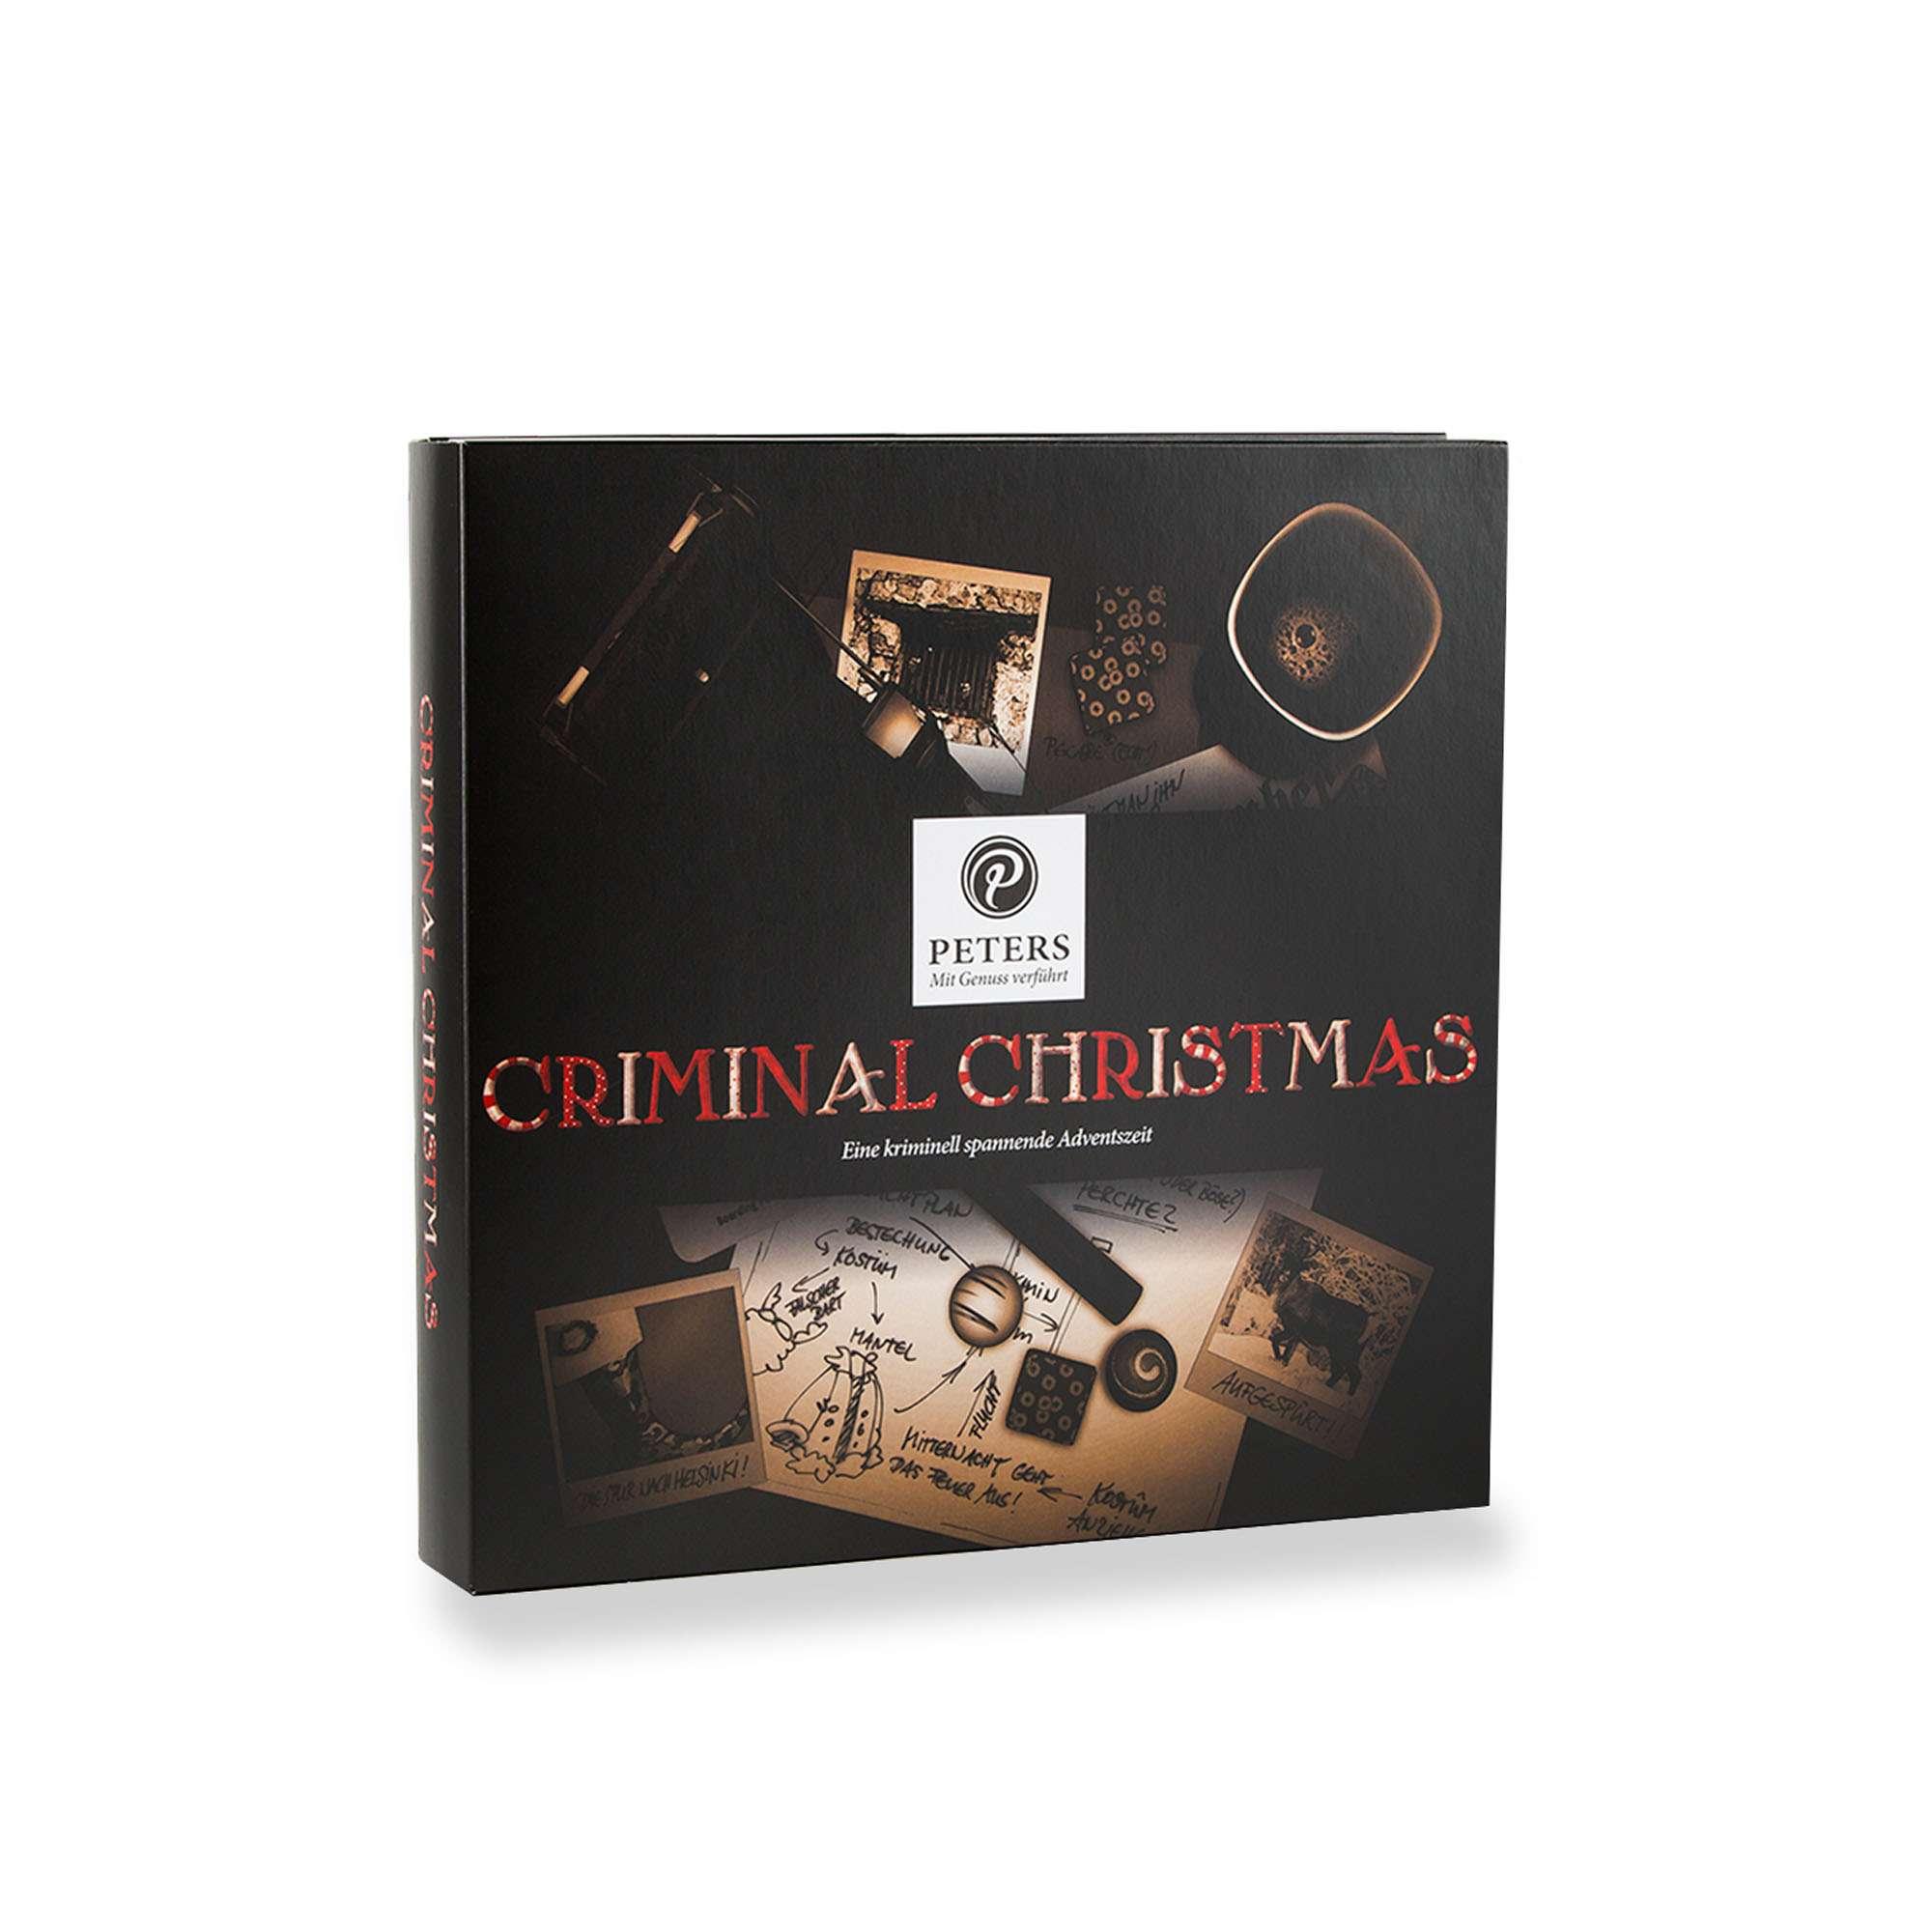 Krimi Weihnachtskalender.Adventskalender Online Bestellen L Peters Pralinen